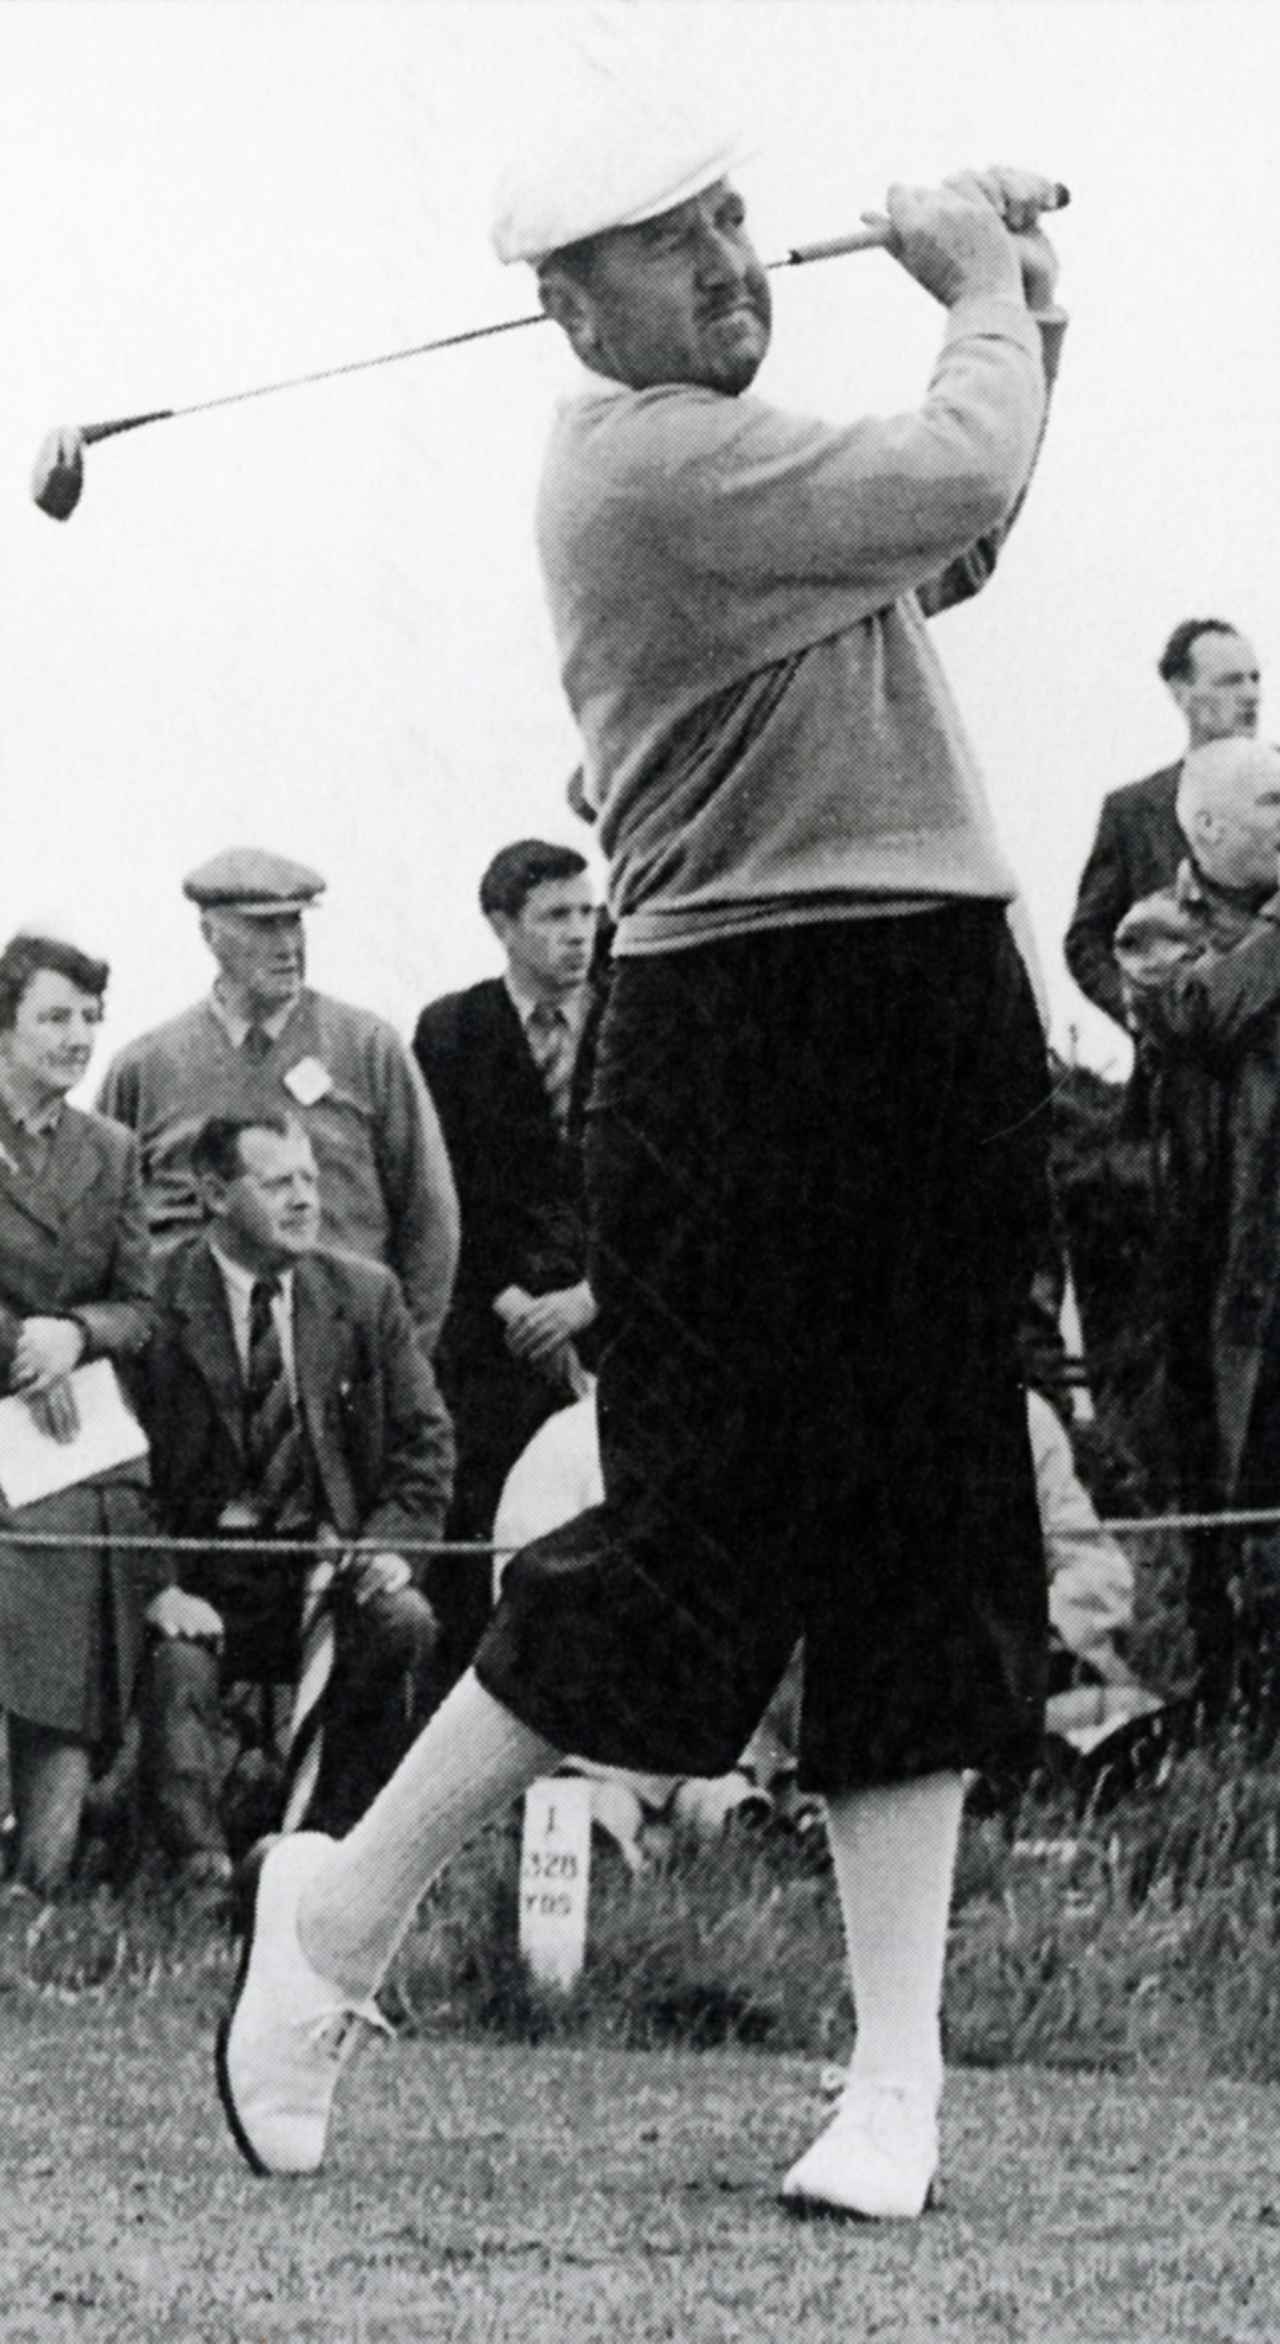 画像: 【南アのゴルフ遺伝子Vol.1】伝説の始まりはボビー・ロック